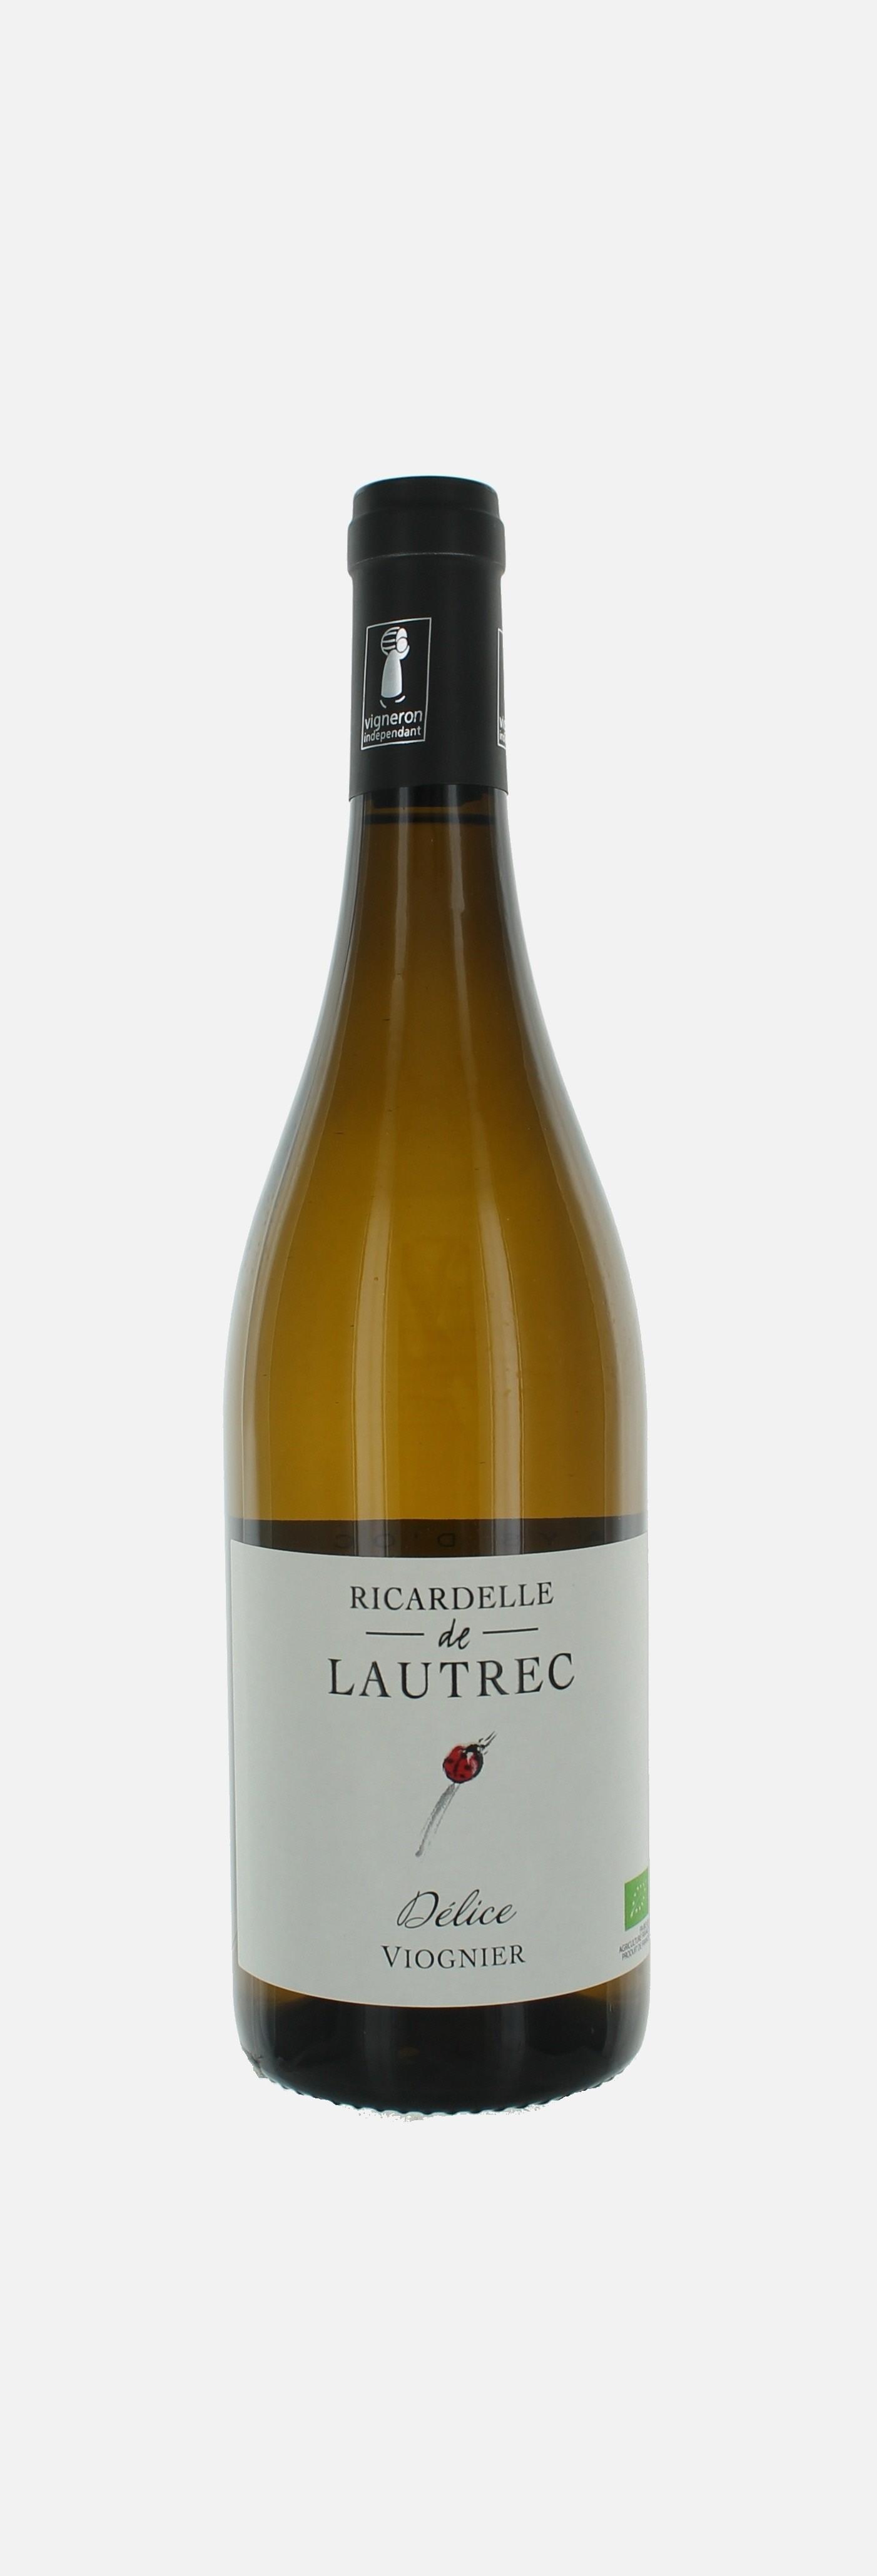 Délice Viognier, IGP d'OC, Ricardelle de Lautrec